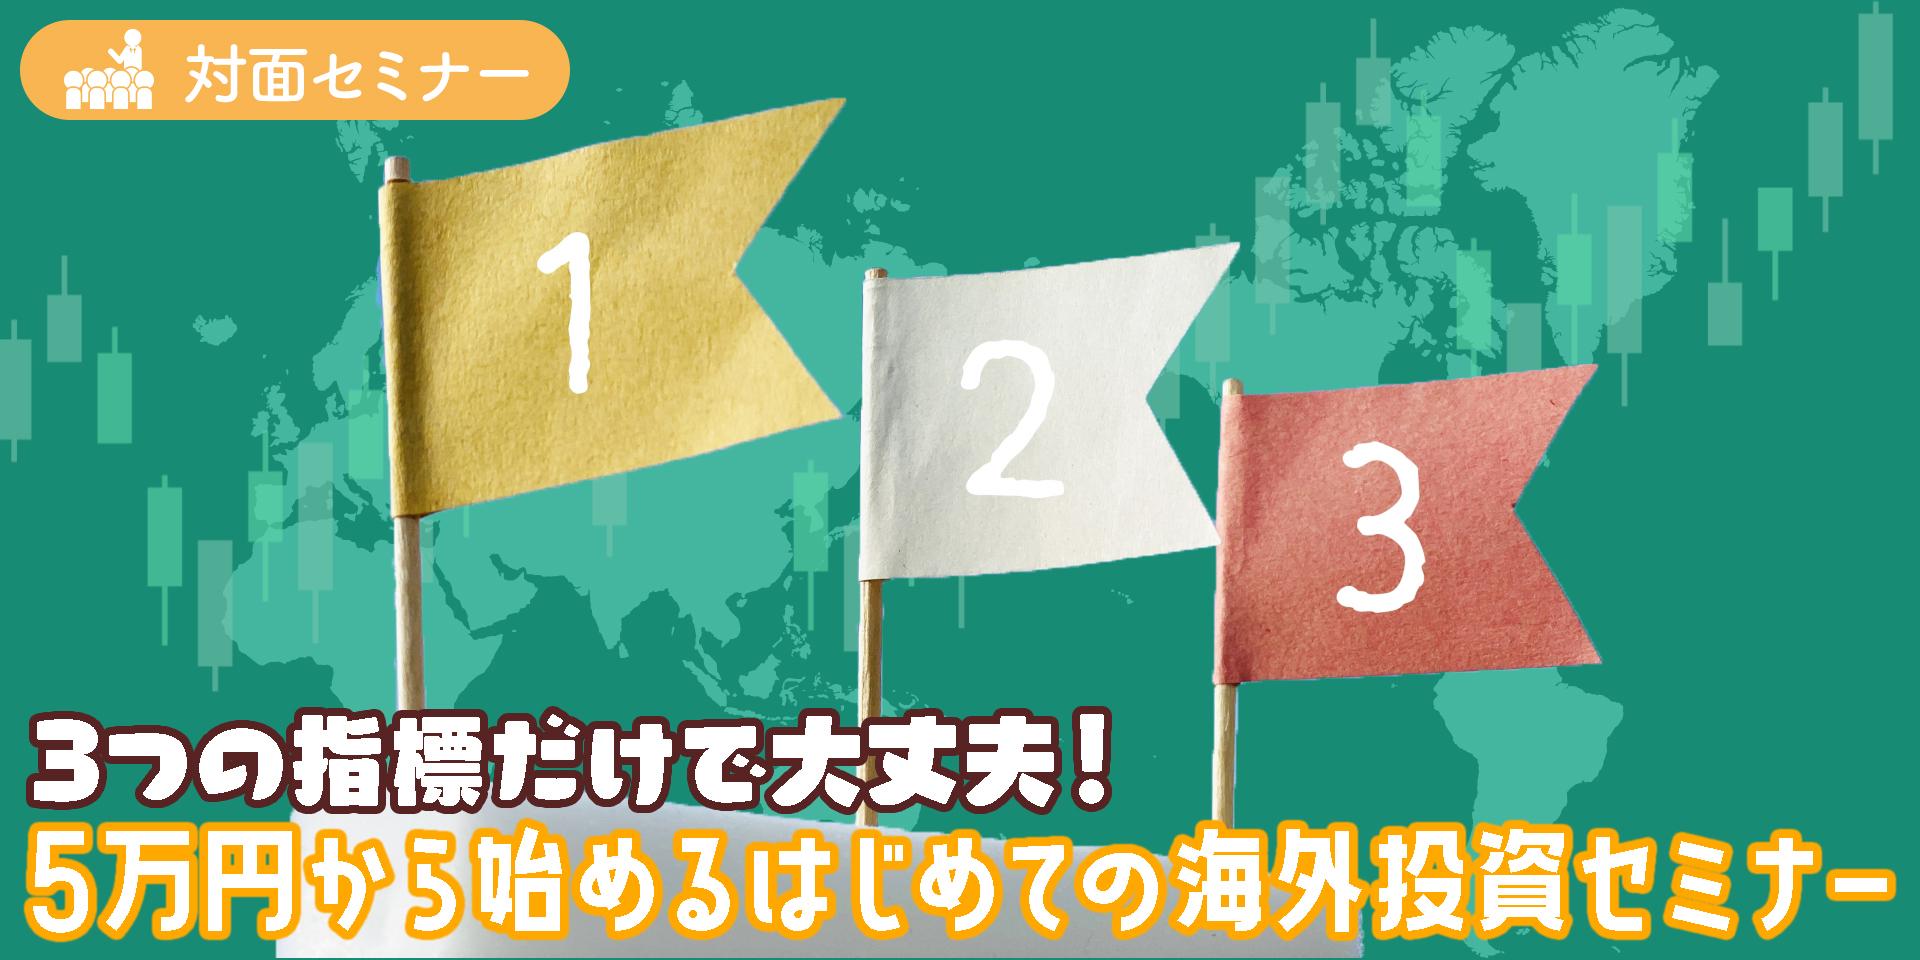 CFD5万円対面